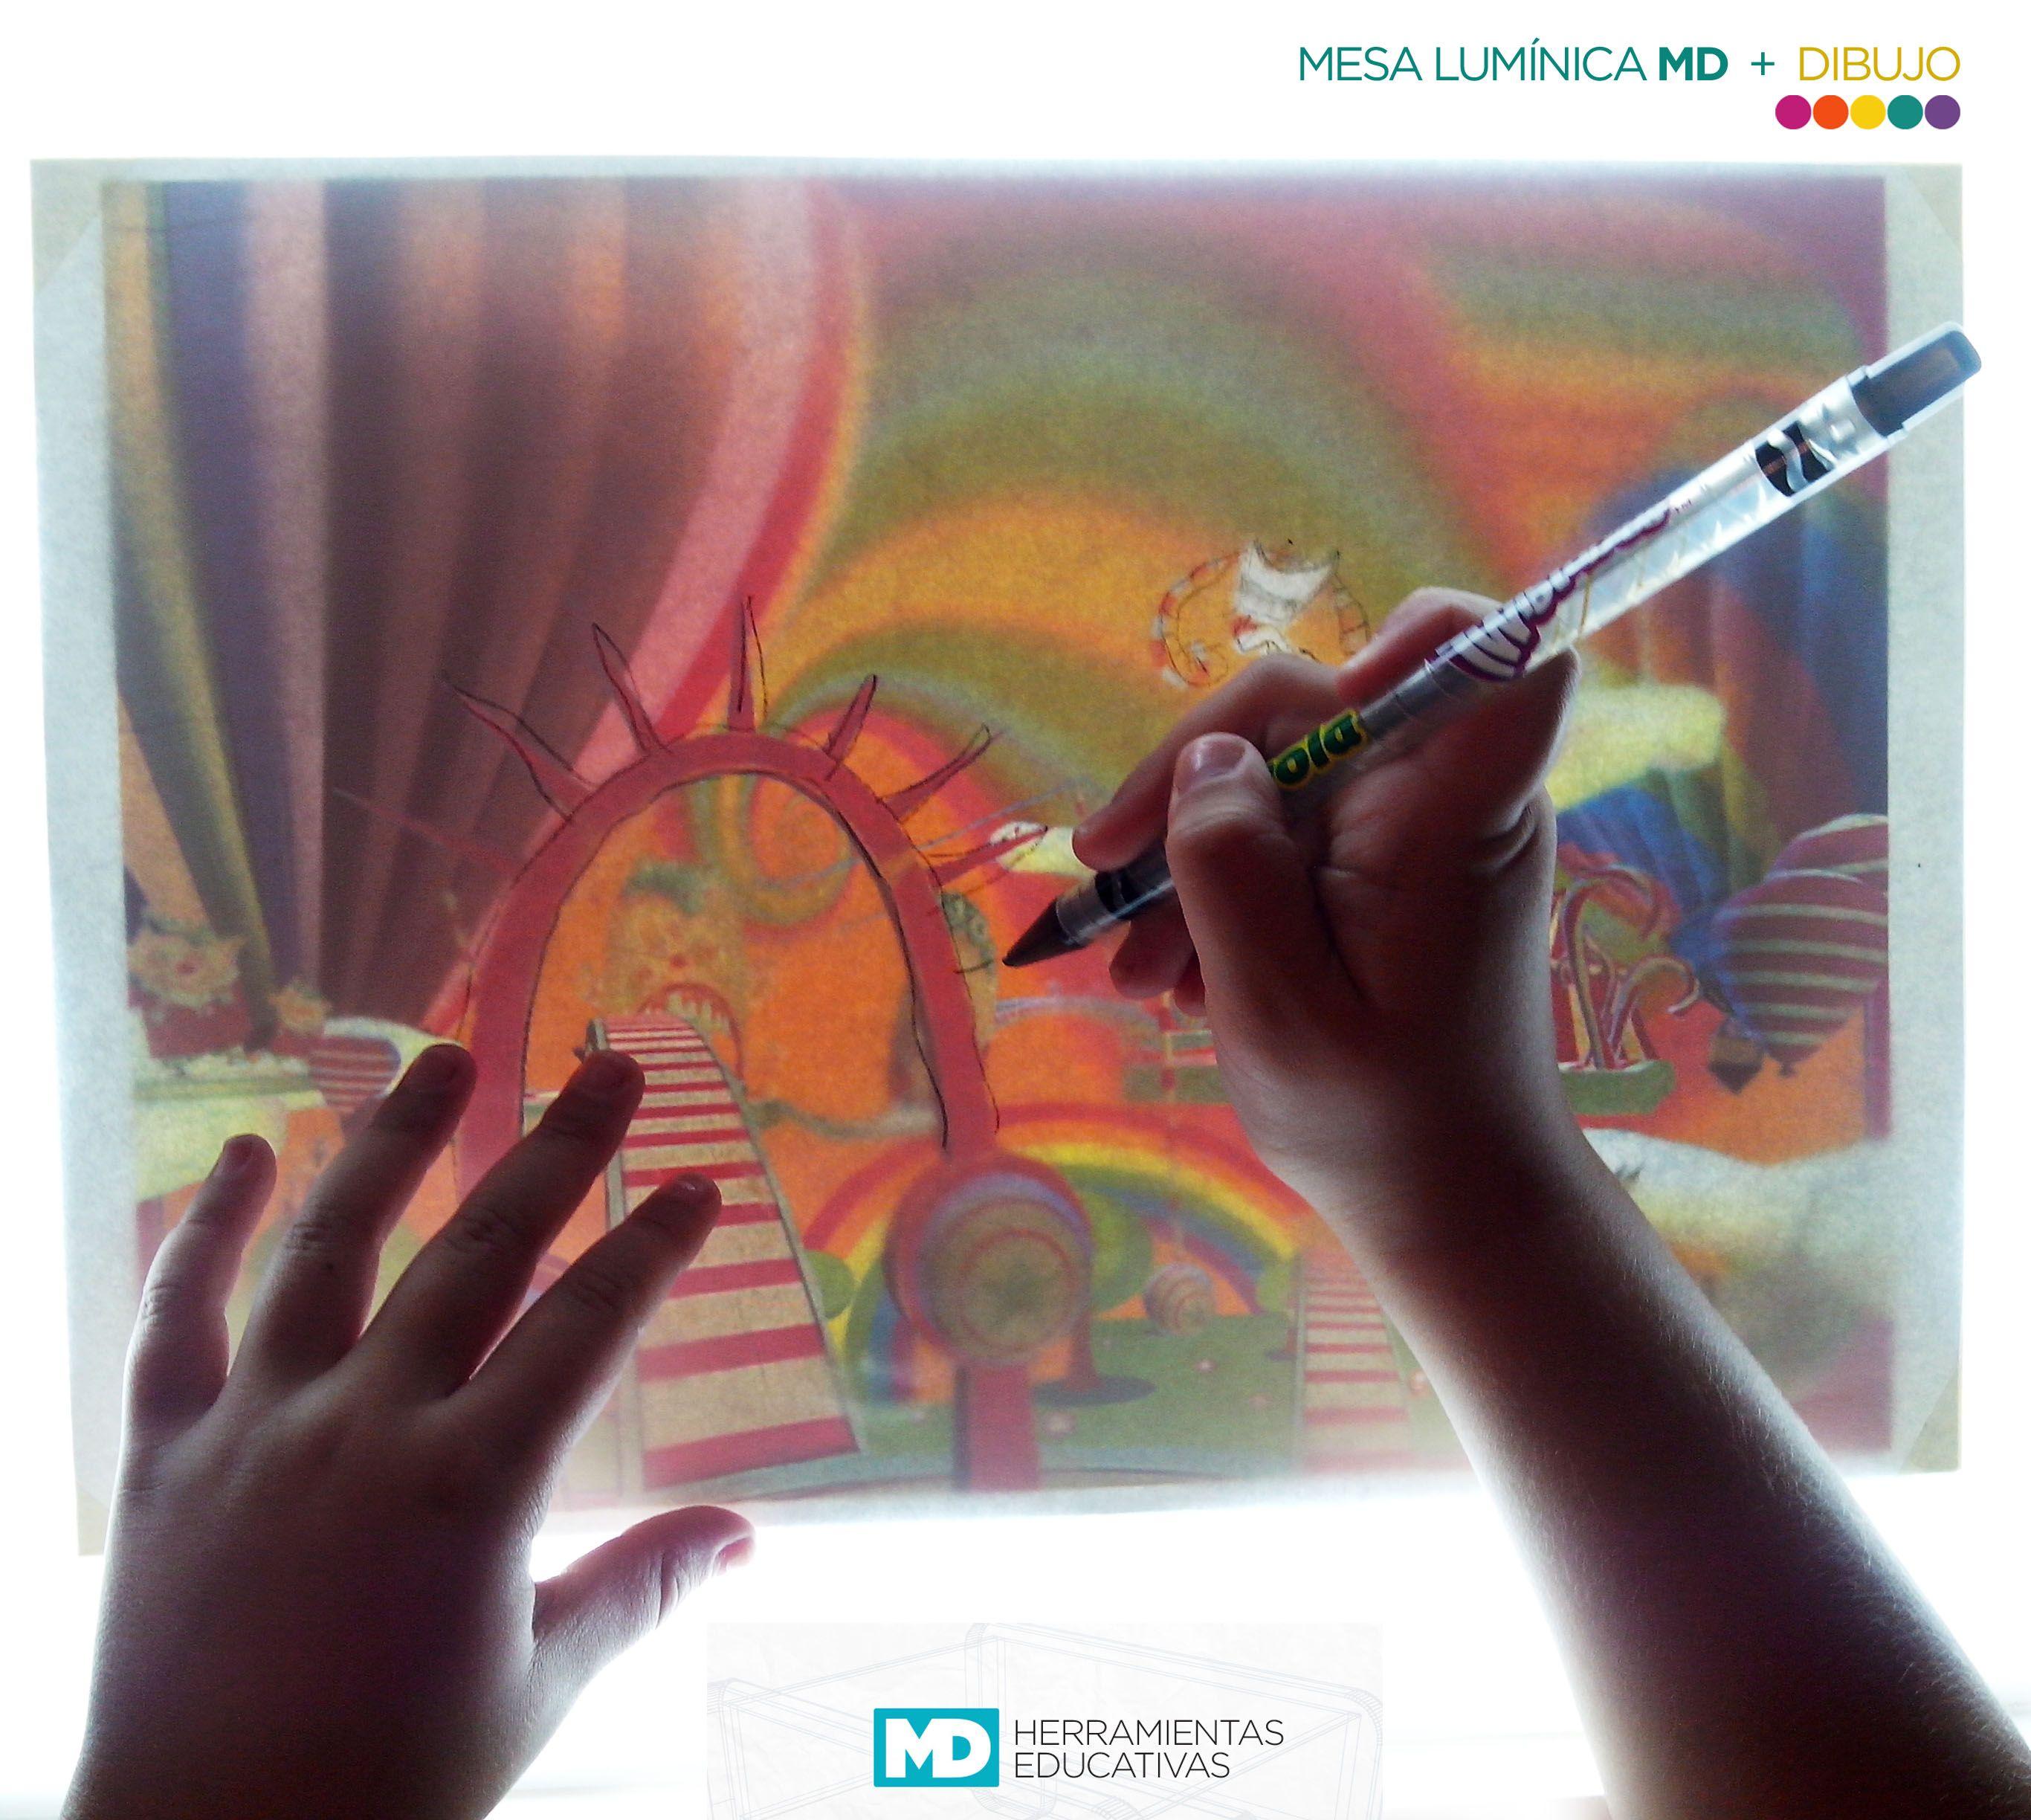 Dibujar y calcar. Pinta y crea tus propias técnicas artísticas. #Educación #Creatividad #Juego #Diseño #Dibujo #Concentración #Arte #Infancia